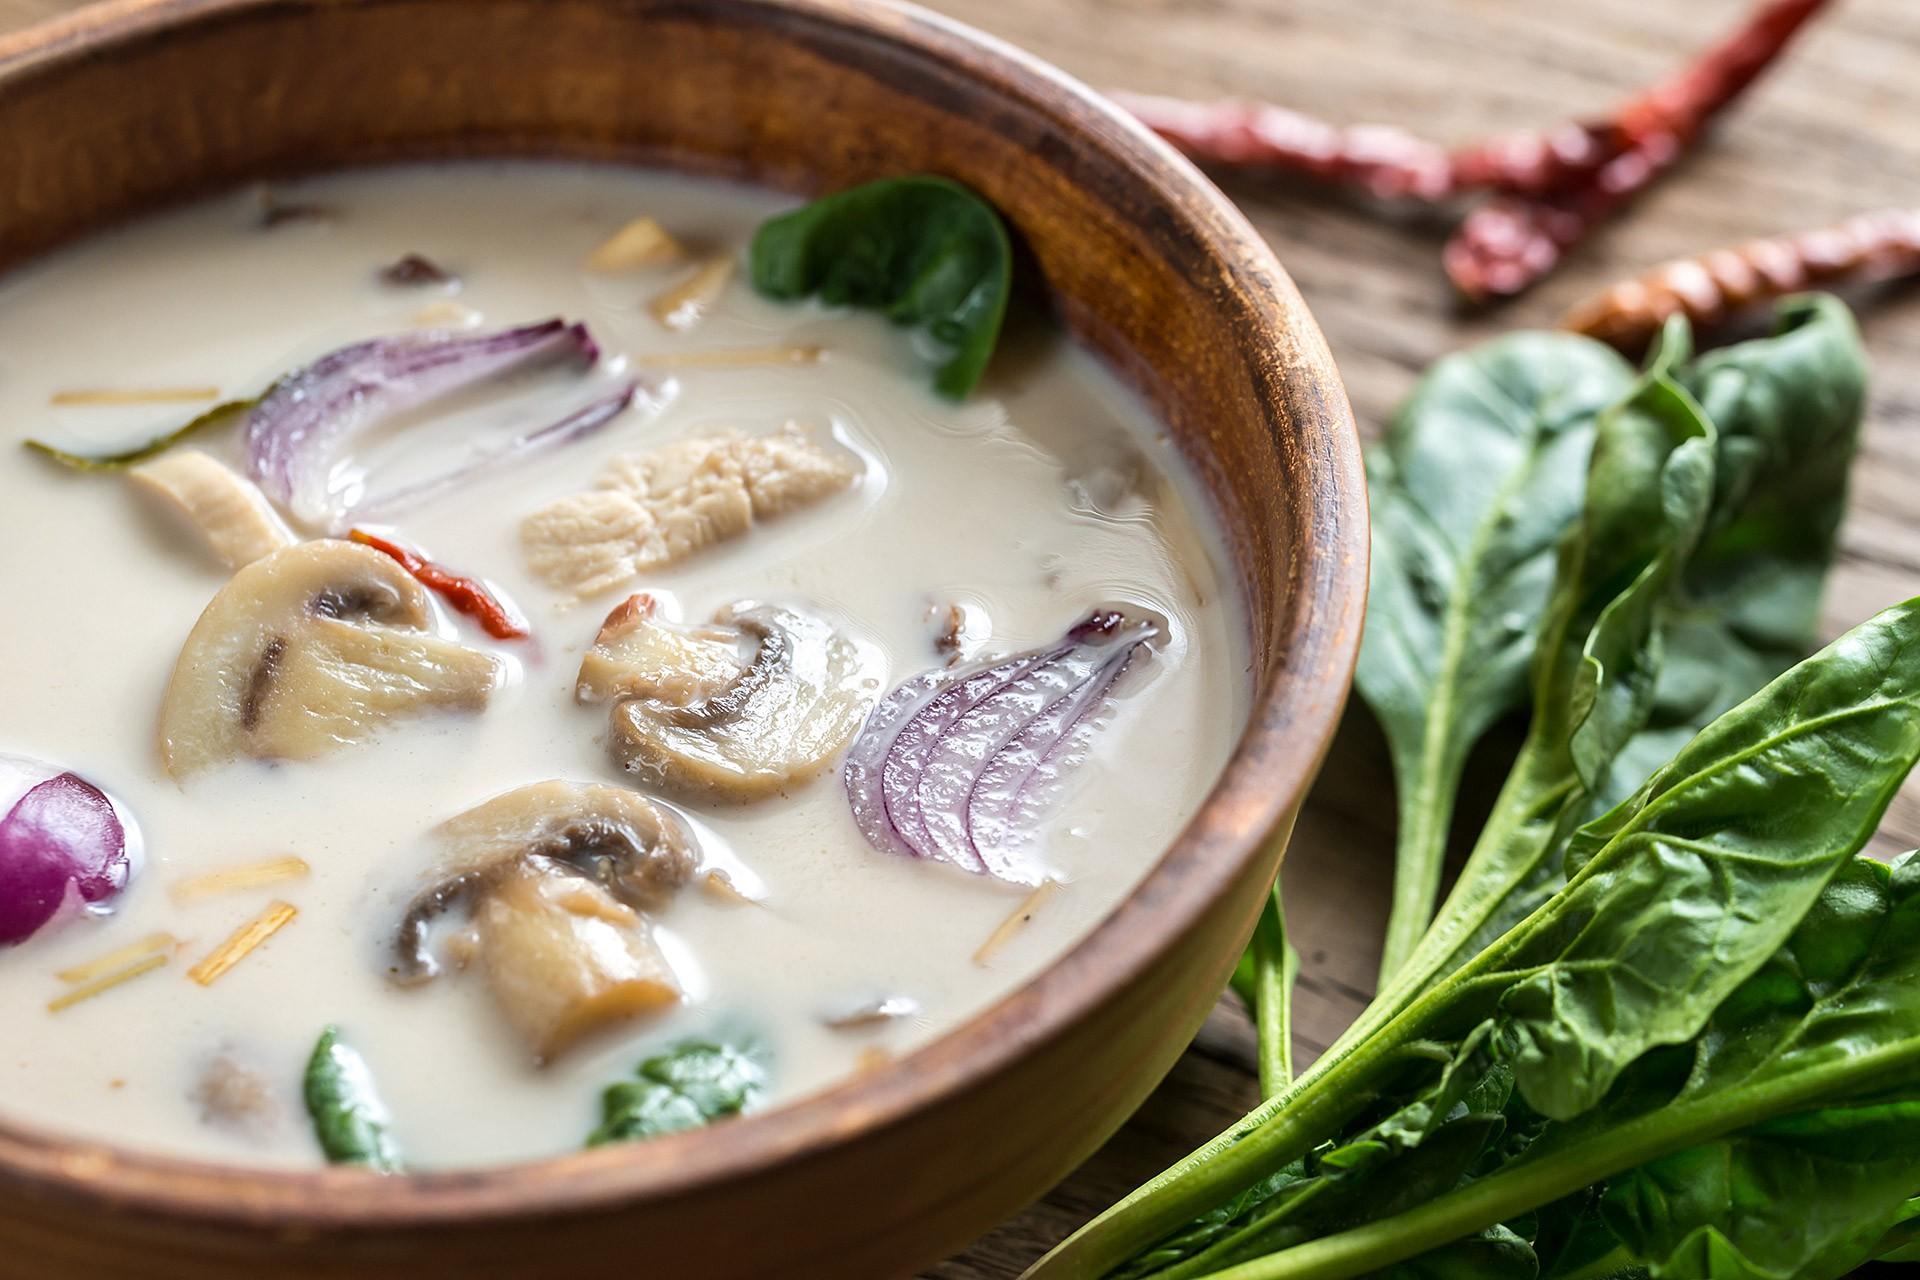 Het lekkerste Thaise take away restaurant in de omgeving van Zwijndrecht